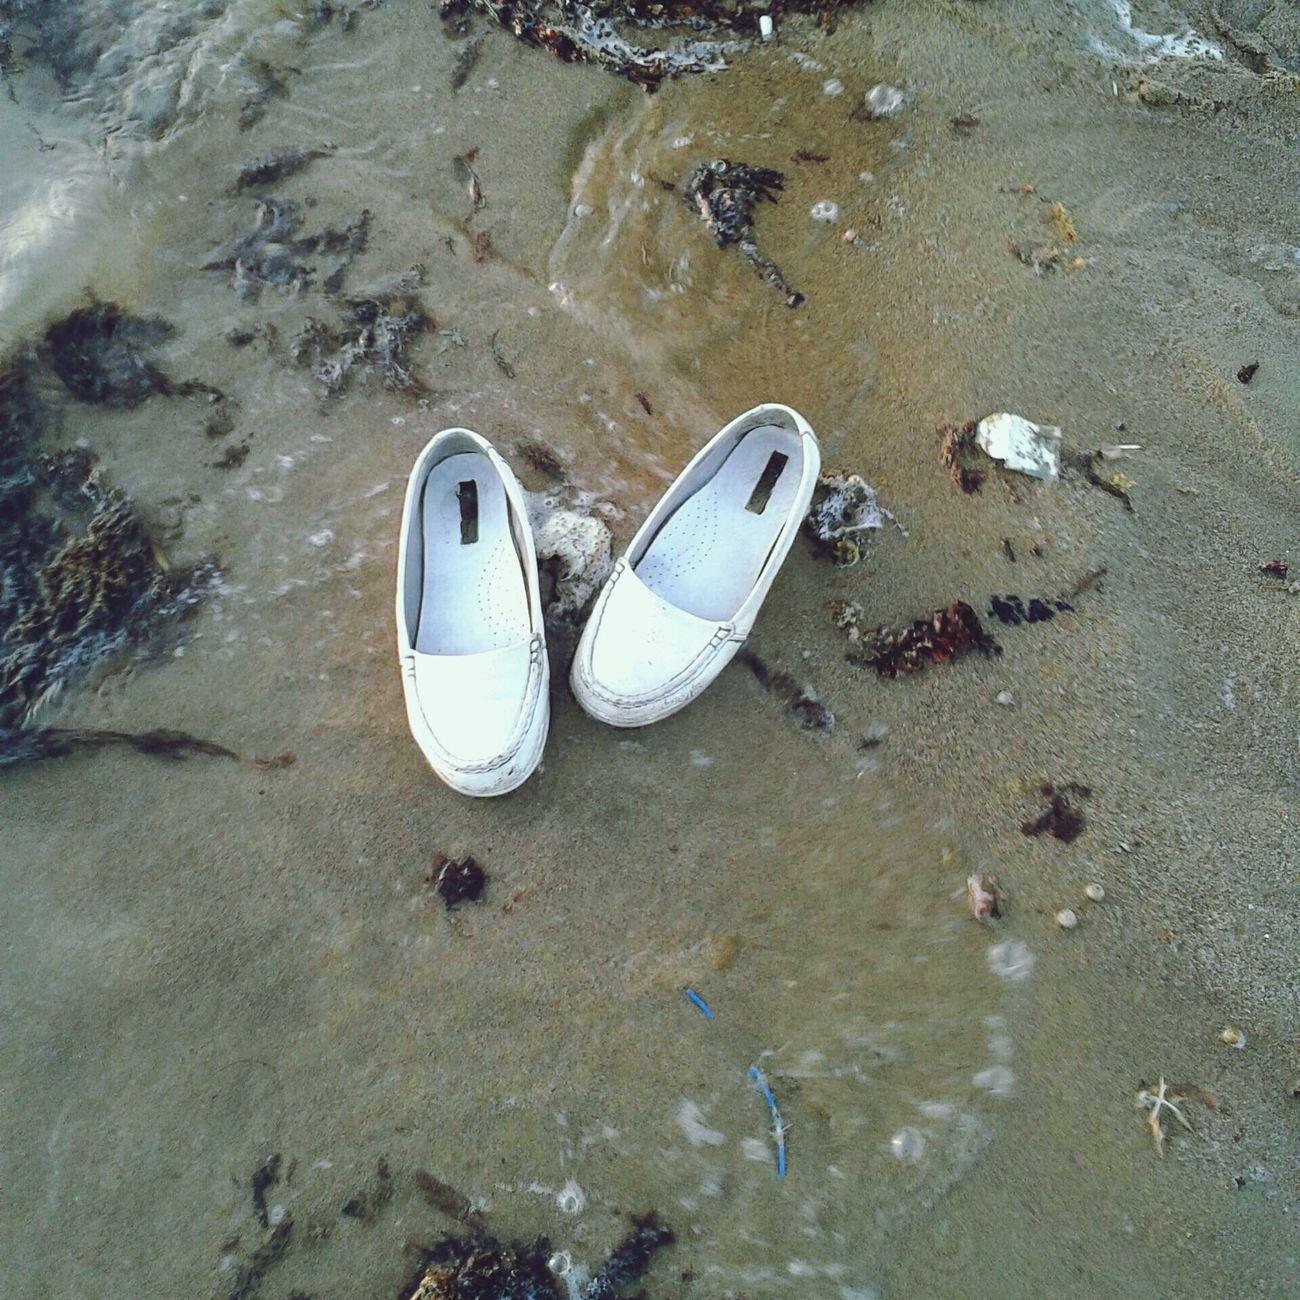 من تصويري ،، ! جزمة تصويري  البحر #ينبع جزمتي على شط ينبع XD